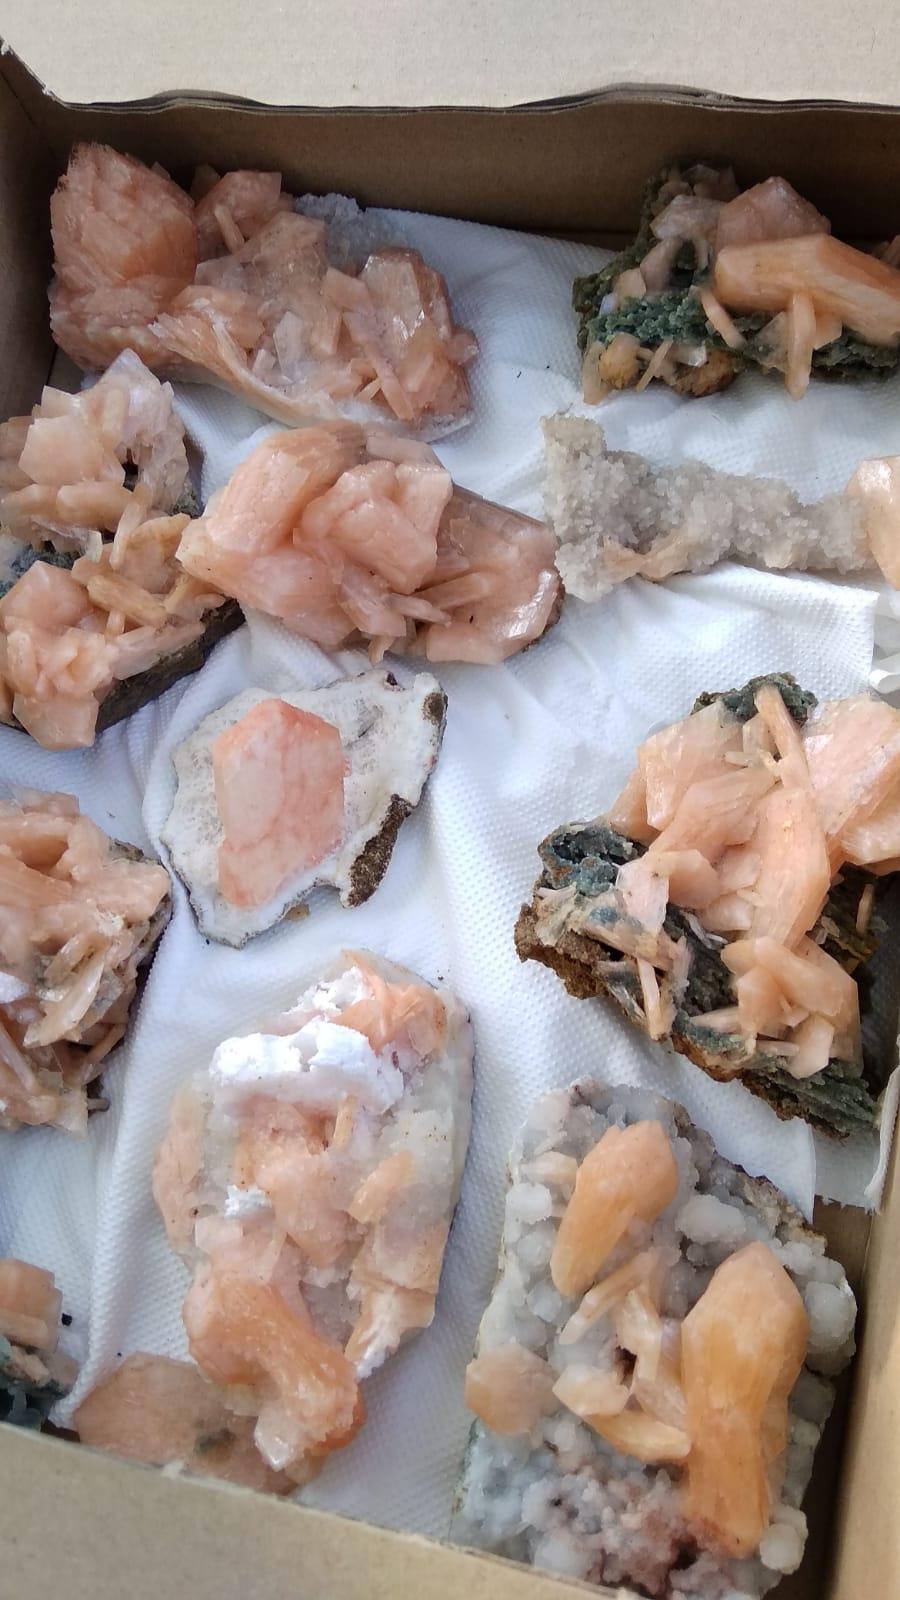 I Feria de minerales intercambio y venta de Cártama (MÁLAGA) - Página 5 Img-2068